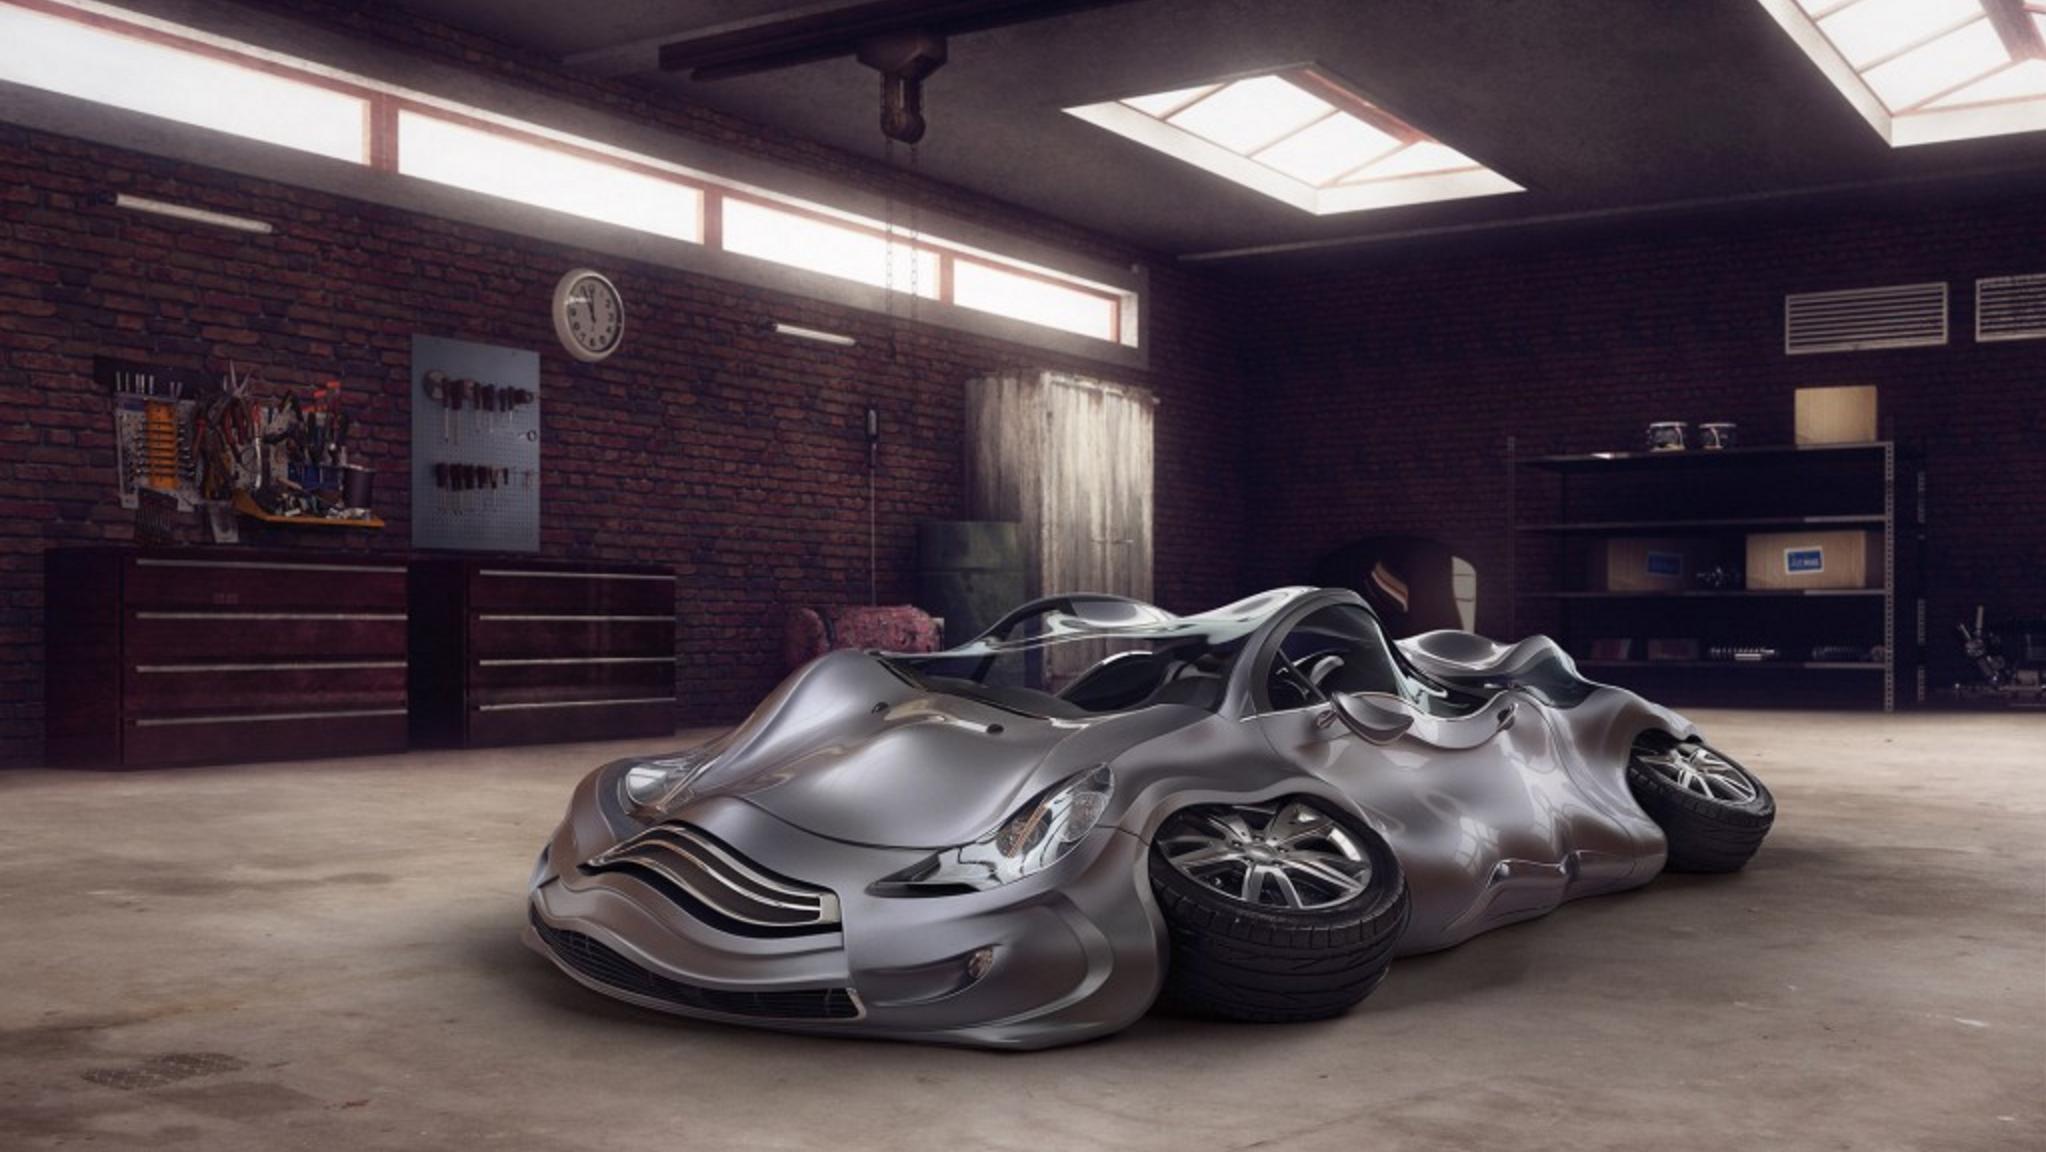 FCOM –Deflated car